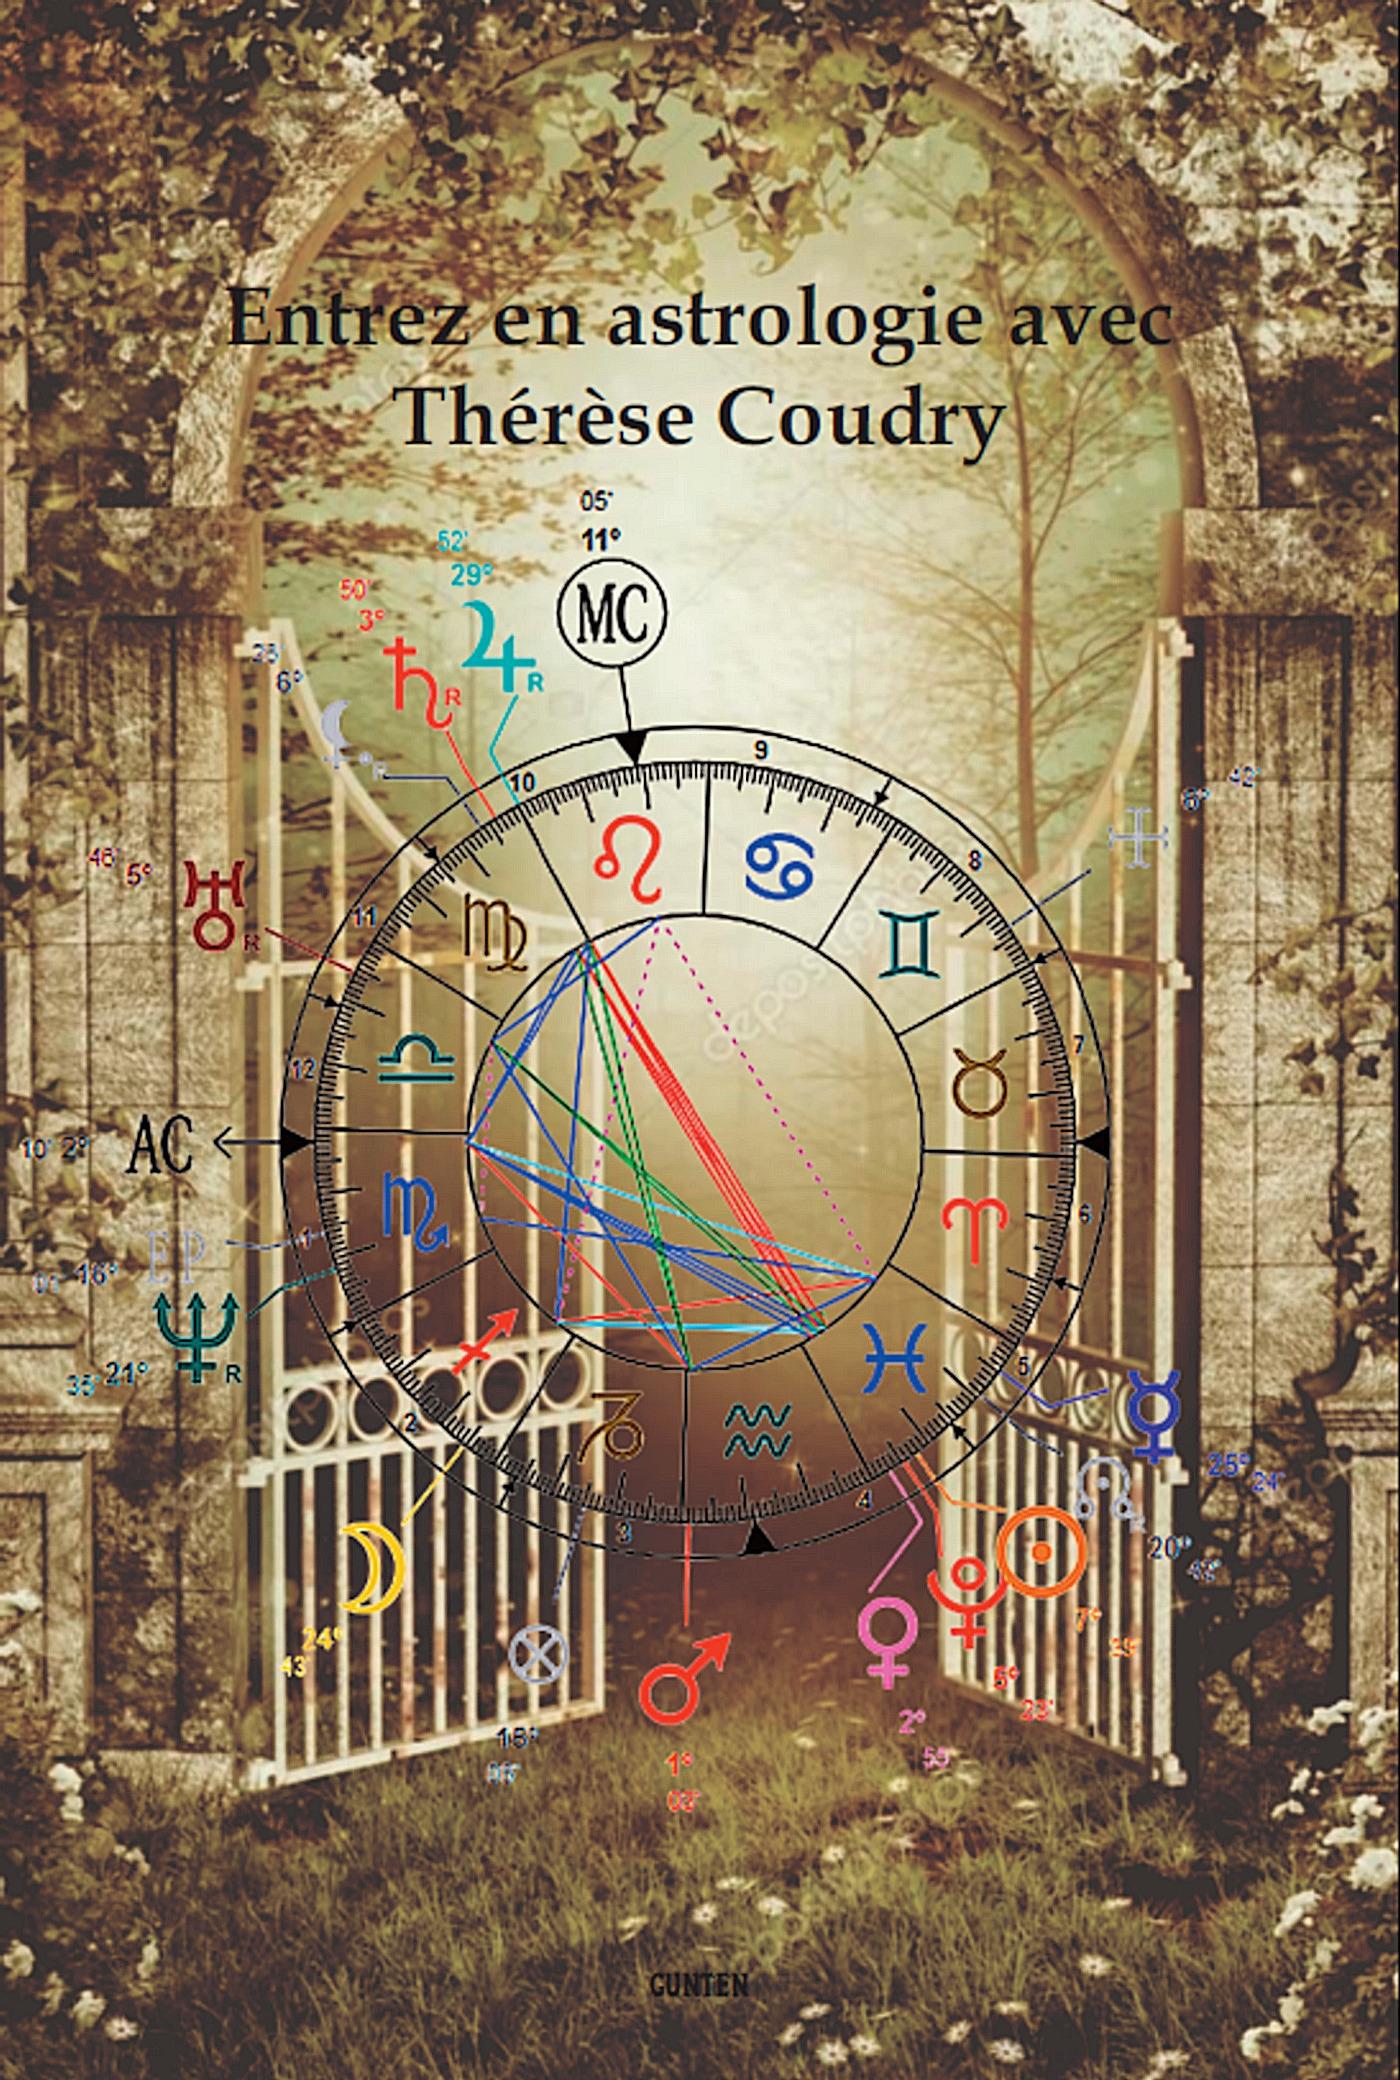 Entrez en astrologie avec Thérèse Coudry